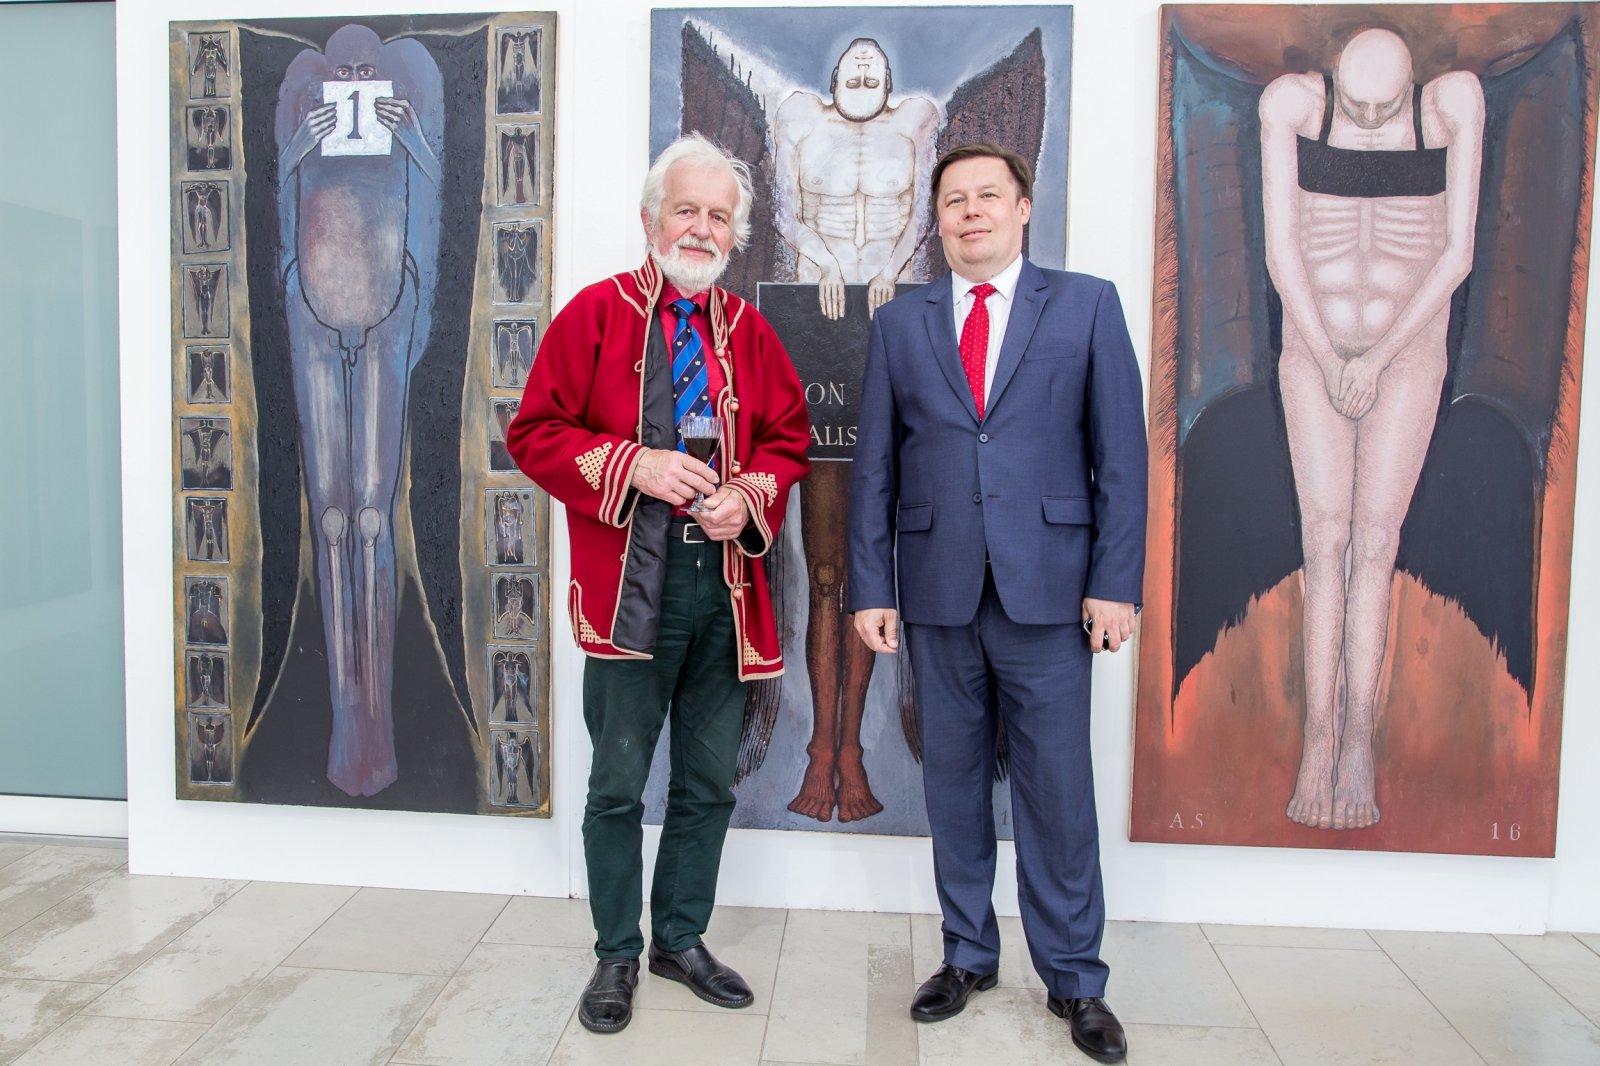 FOTOD | Pärnu Uue Kunsti Muuseumis avati igasuvine aktinäitus